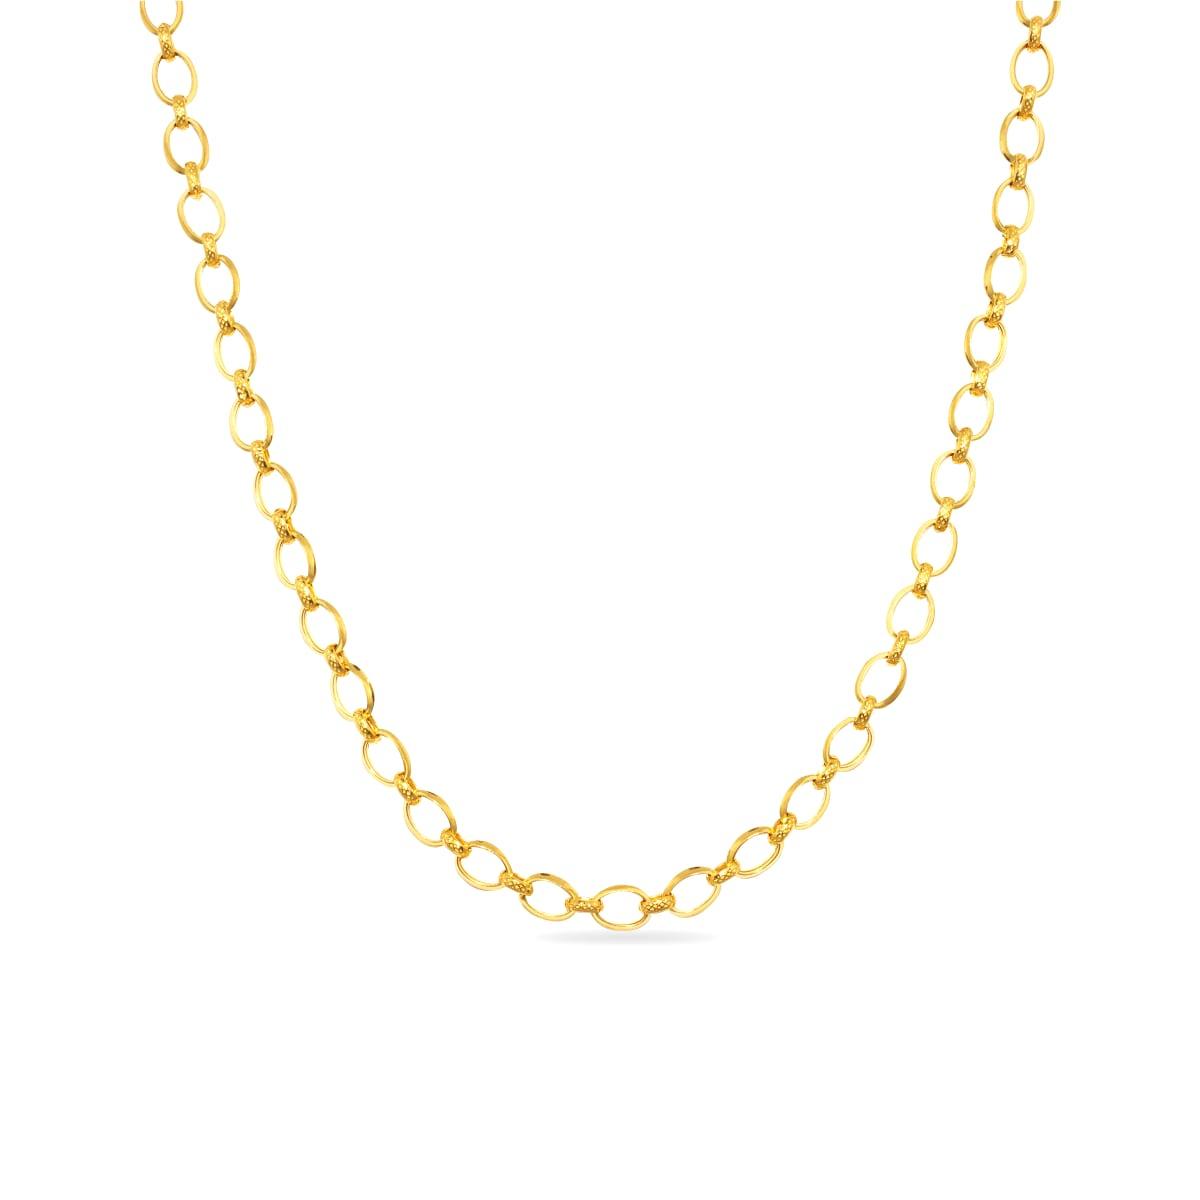 Chain Indo Italian